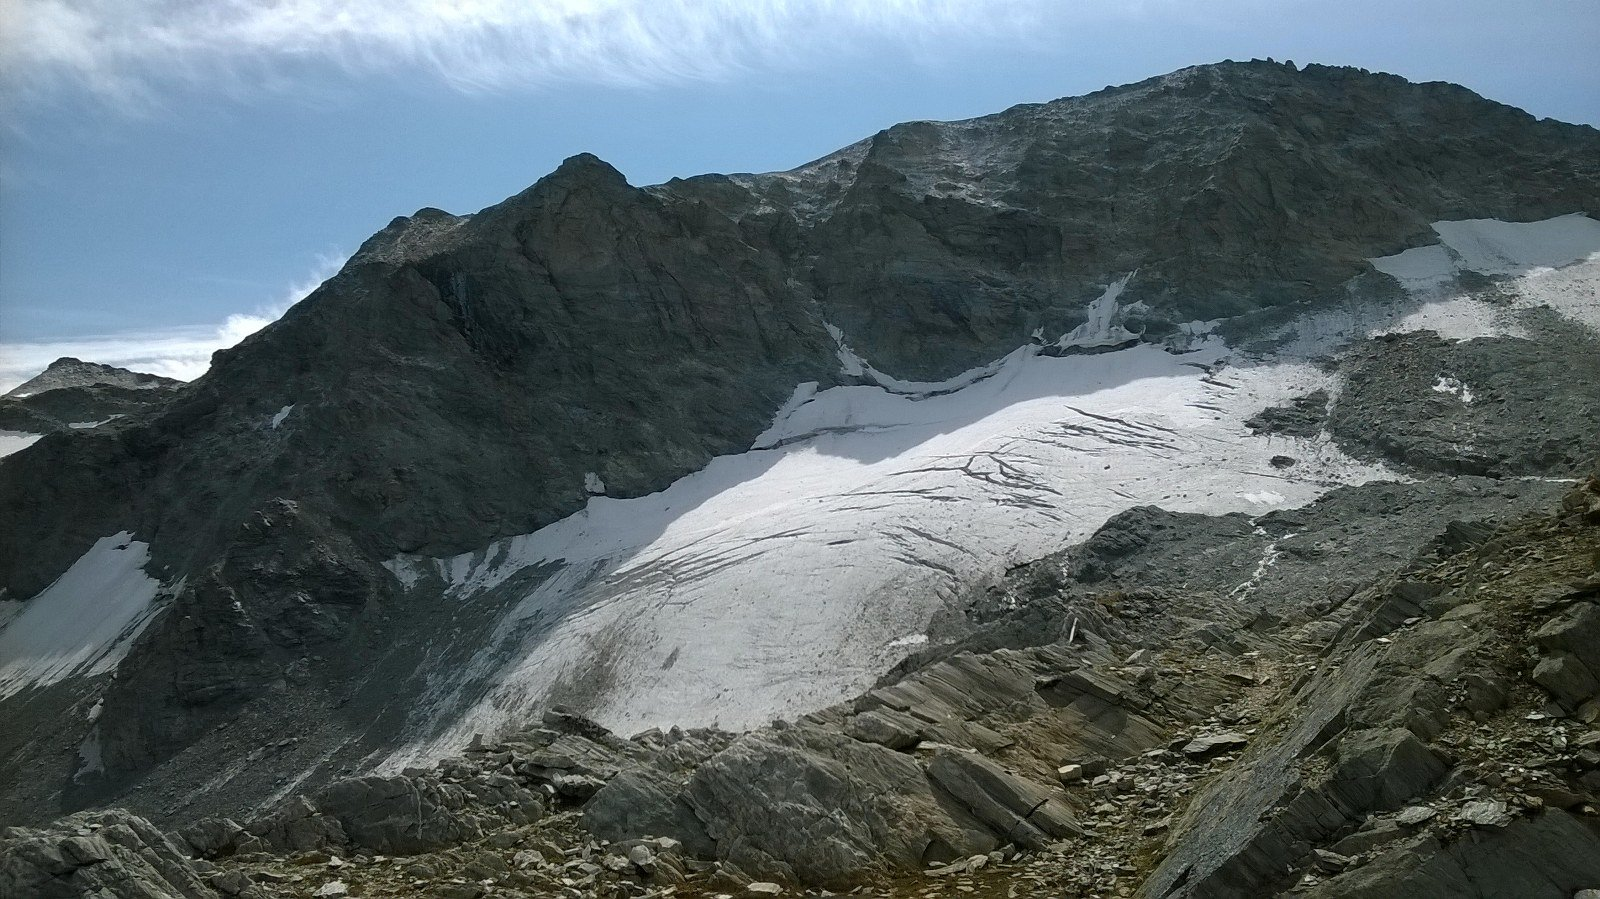 Sommeiller e resti dell'omonimo ghiacciaio